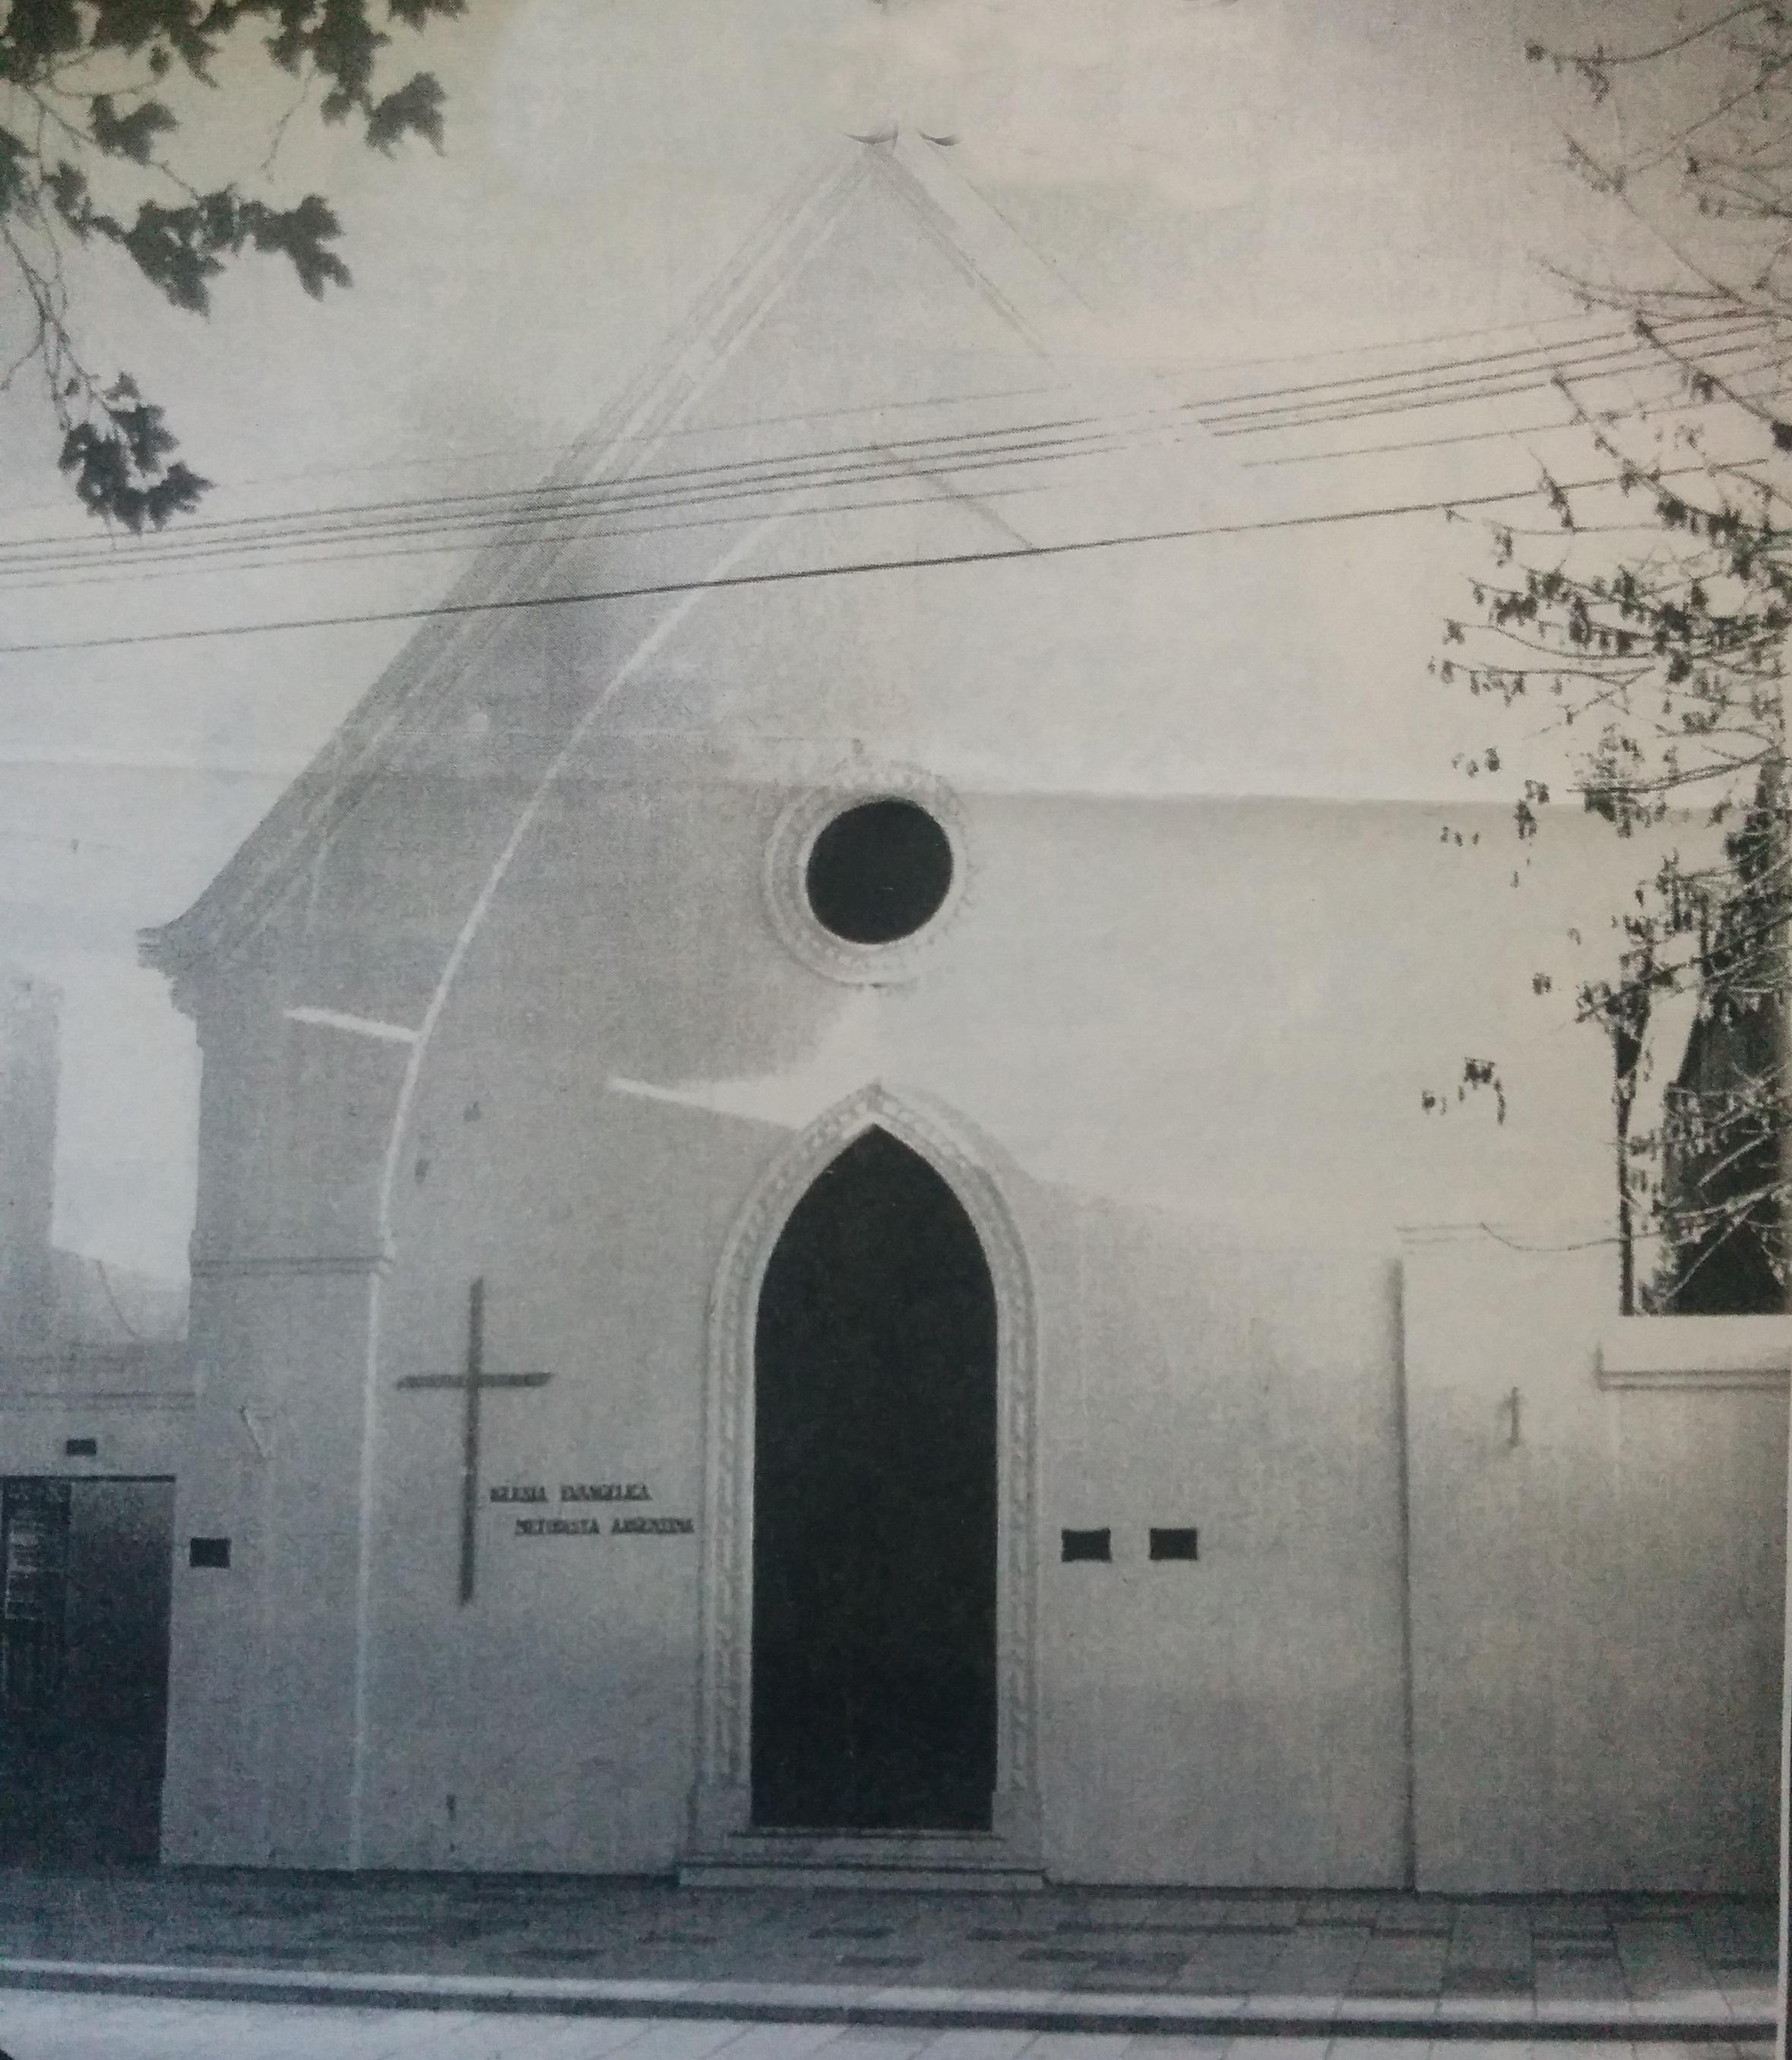 Fachada del templo de la Iglesia Evangélica Metodista, inaugurado el 10 de agosto de 1901.